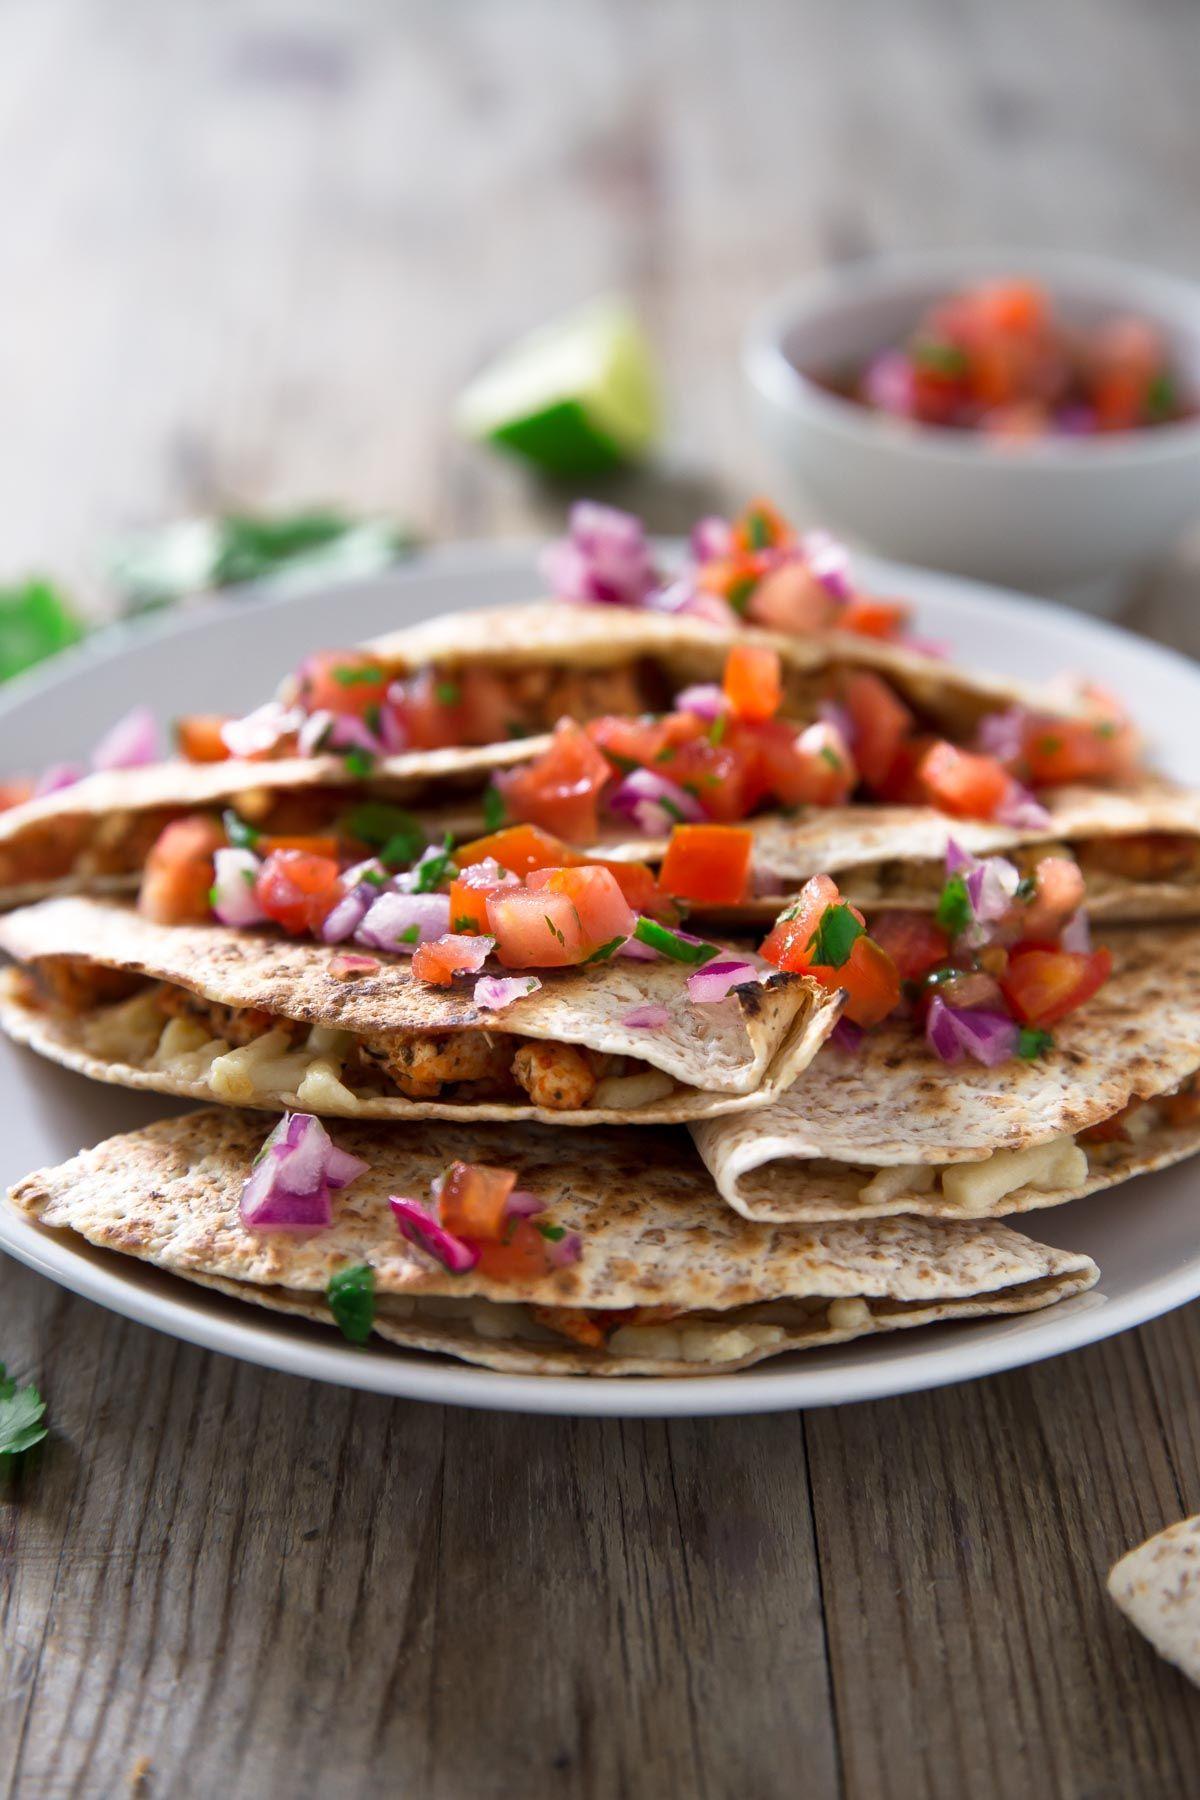 Vegan Quesadillas Recipe Vegan Side Dishes Recipes Quesadilla